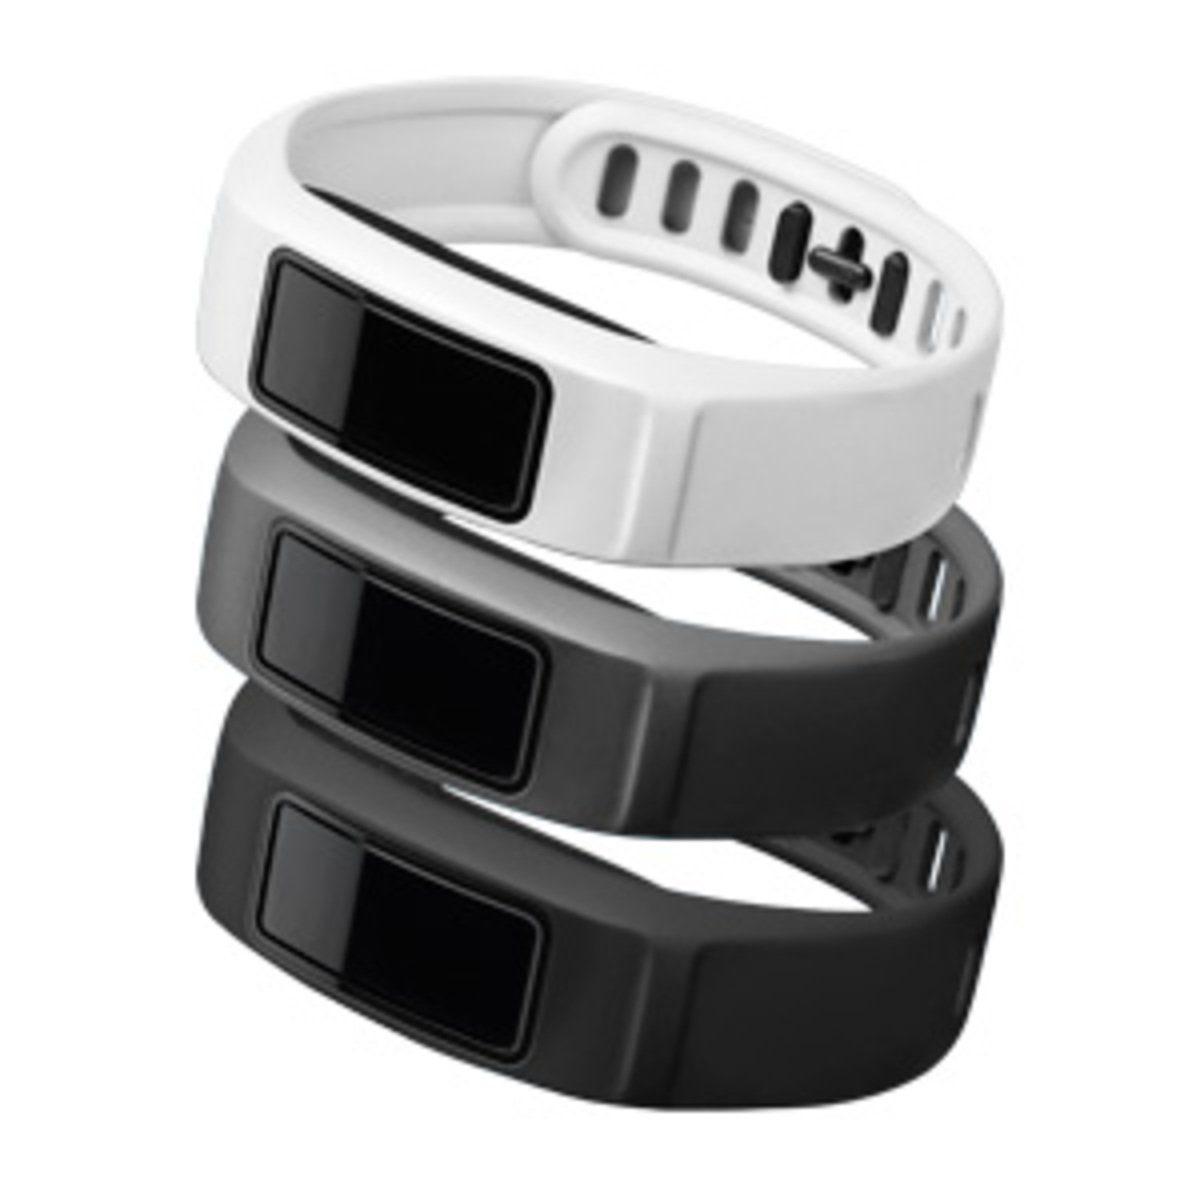 Garmin Ersatz-/Wechselarmband »Armbänder vivofit 2 - Weiß, Grau, Schwarz (L)«